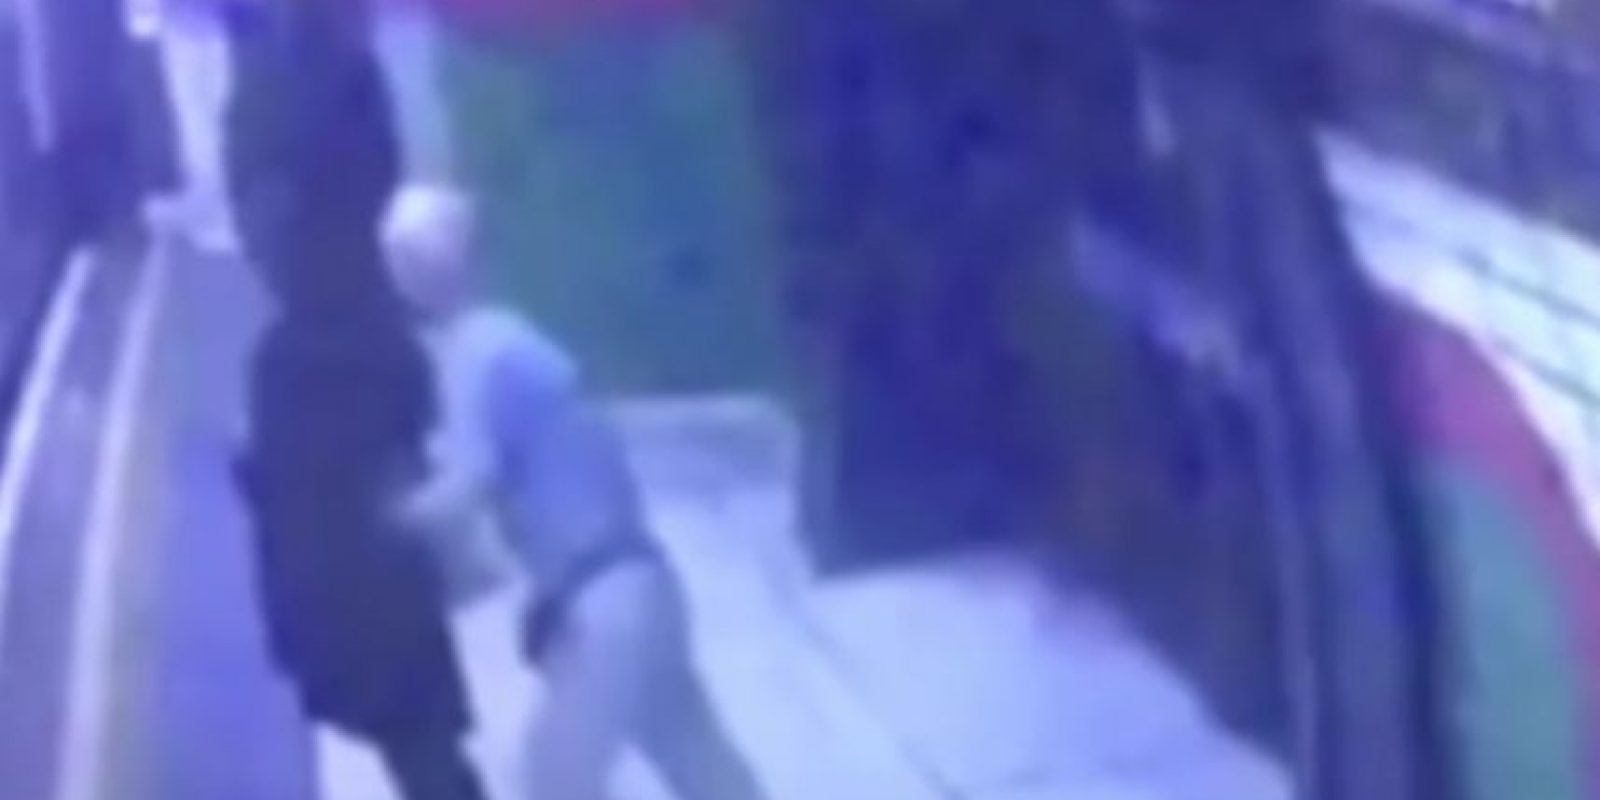 El momento en el que el anciano intenta matar a la mujer musulmana Foto:Twitter